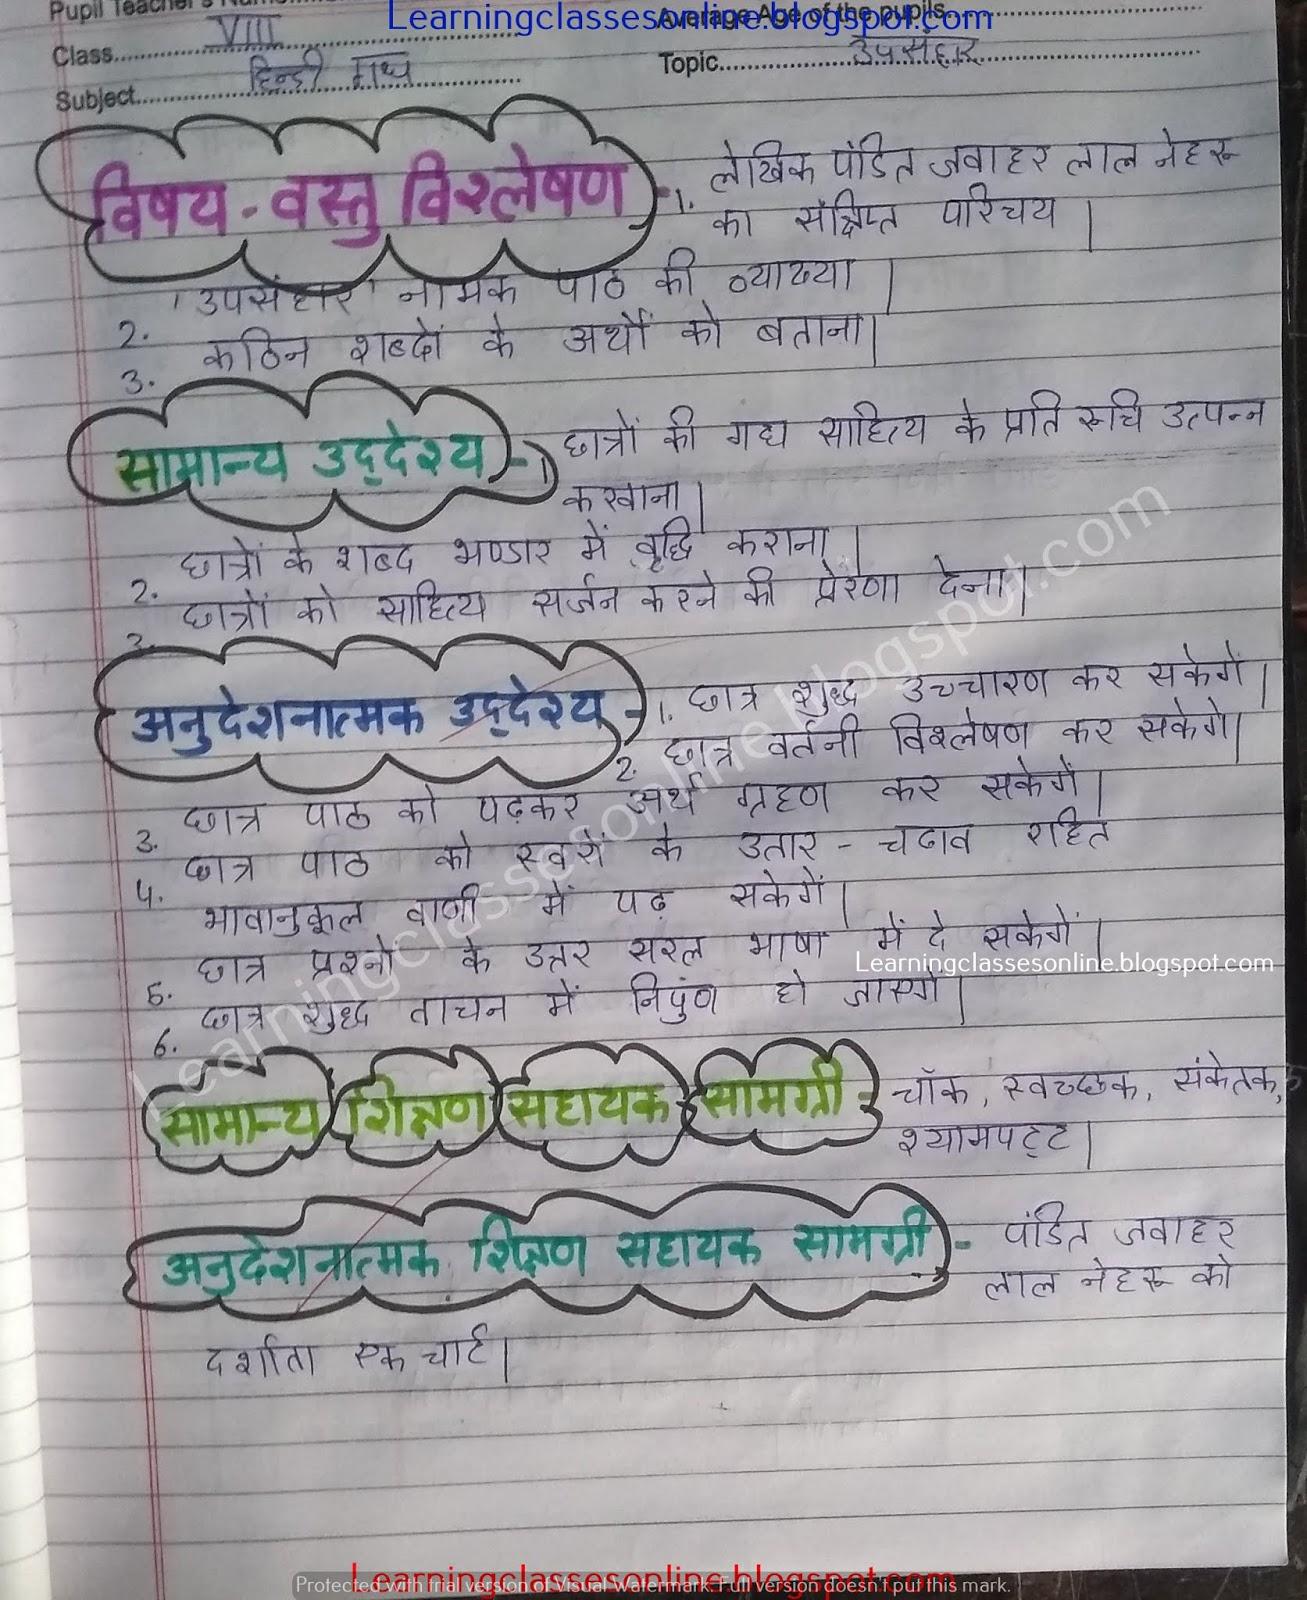 pandit jawahar lal nehru lesson plan for teachers in hindi